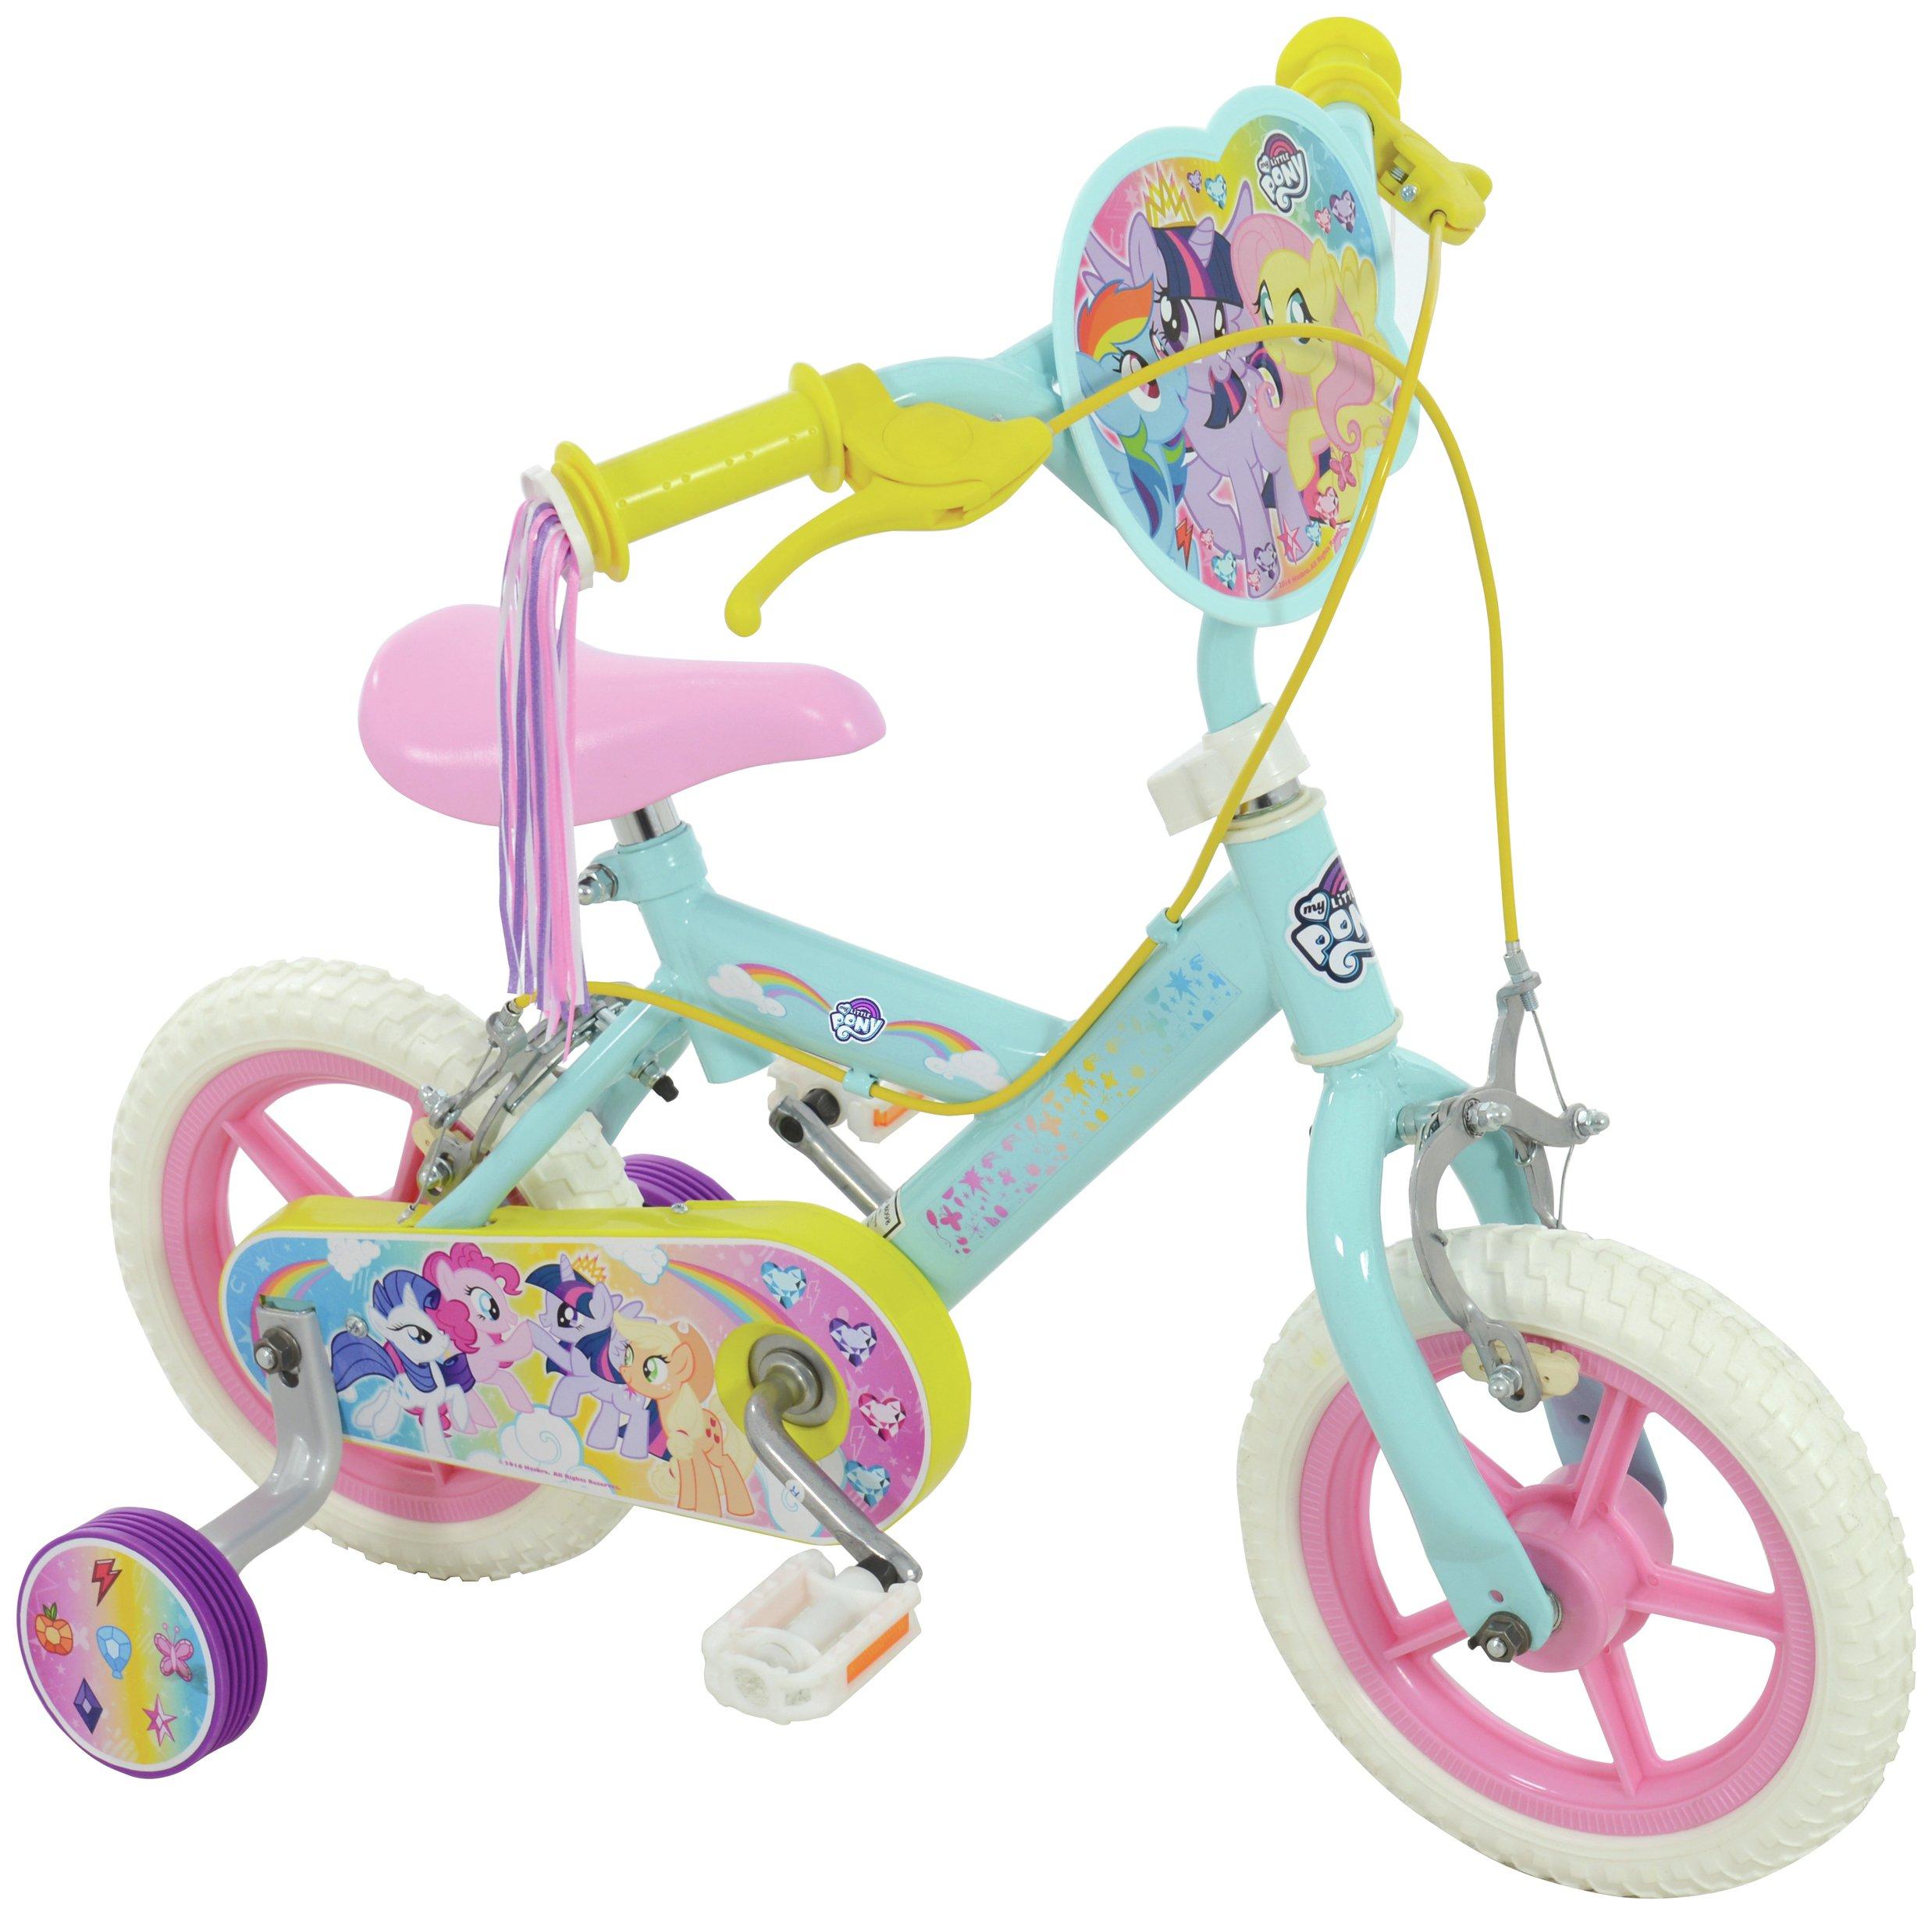 My Little Pony 12 Inch Kids Bike